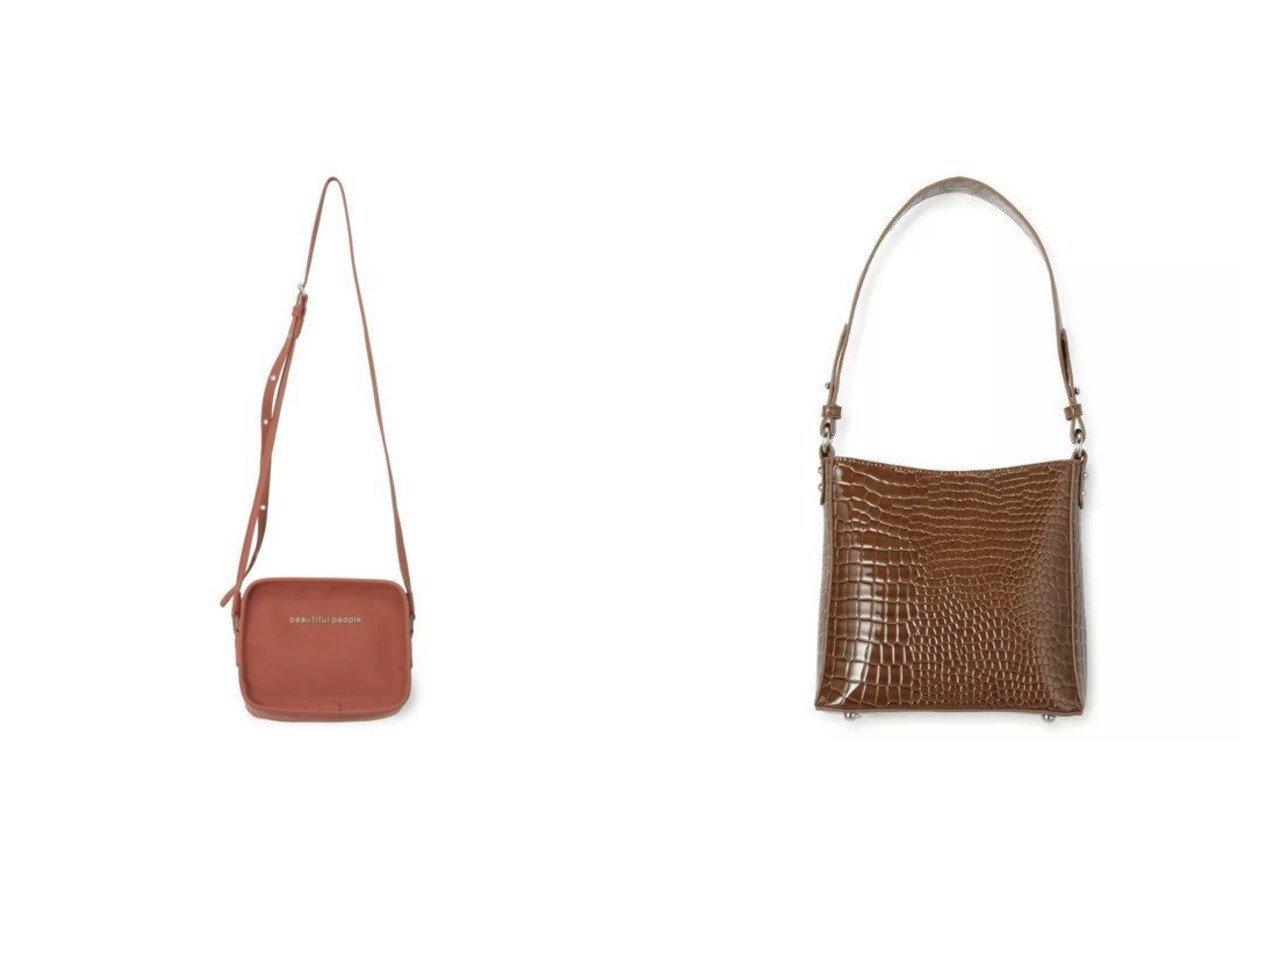 【beautiful people/ビューティフル ピープル】のpoketable shoppingbag&【HVISK/ヴィスク】のAMBLE CROCO SMALL バッグ・鞄のおすすめ!人気、トレンド・レディースファッションの通販 おすすめで人気の流行・トレンド、ファッションの通販商品 メンズファッション・キッズファッション・インテリア・家具・レディースファッション・服の通販 founy(ファニー) https://founy.com/ ファッション Fashion レディースファッション WOMEN バッグ Bag 2021年 2021 2021 春夏 S/S SS Spring/Summer 2021 S/S 春夏 SS Spring/Summer ボックス ポケット 今季 エレガント クロコ スマート ハンドバッグ フォルム フォーマル  ID:crp329100000016331